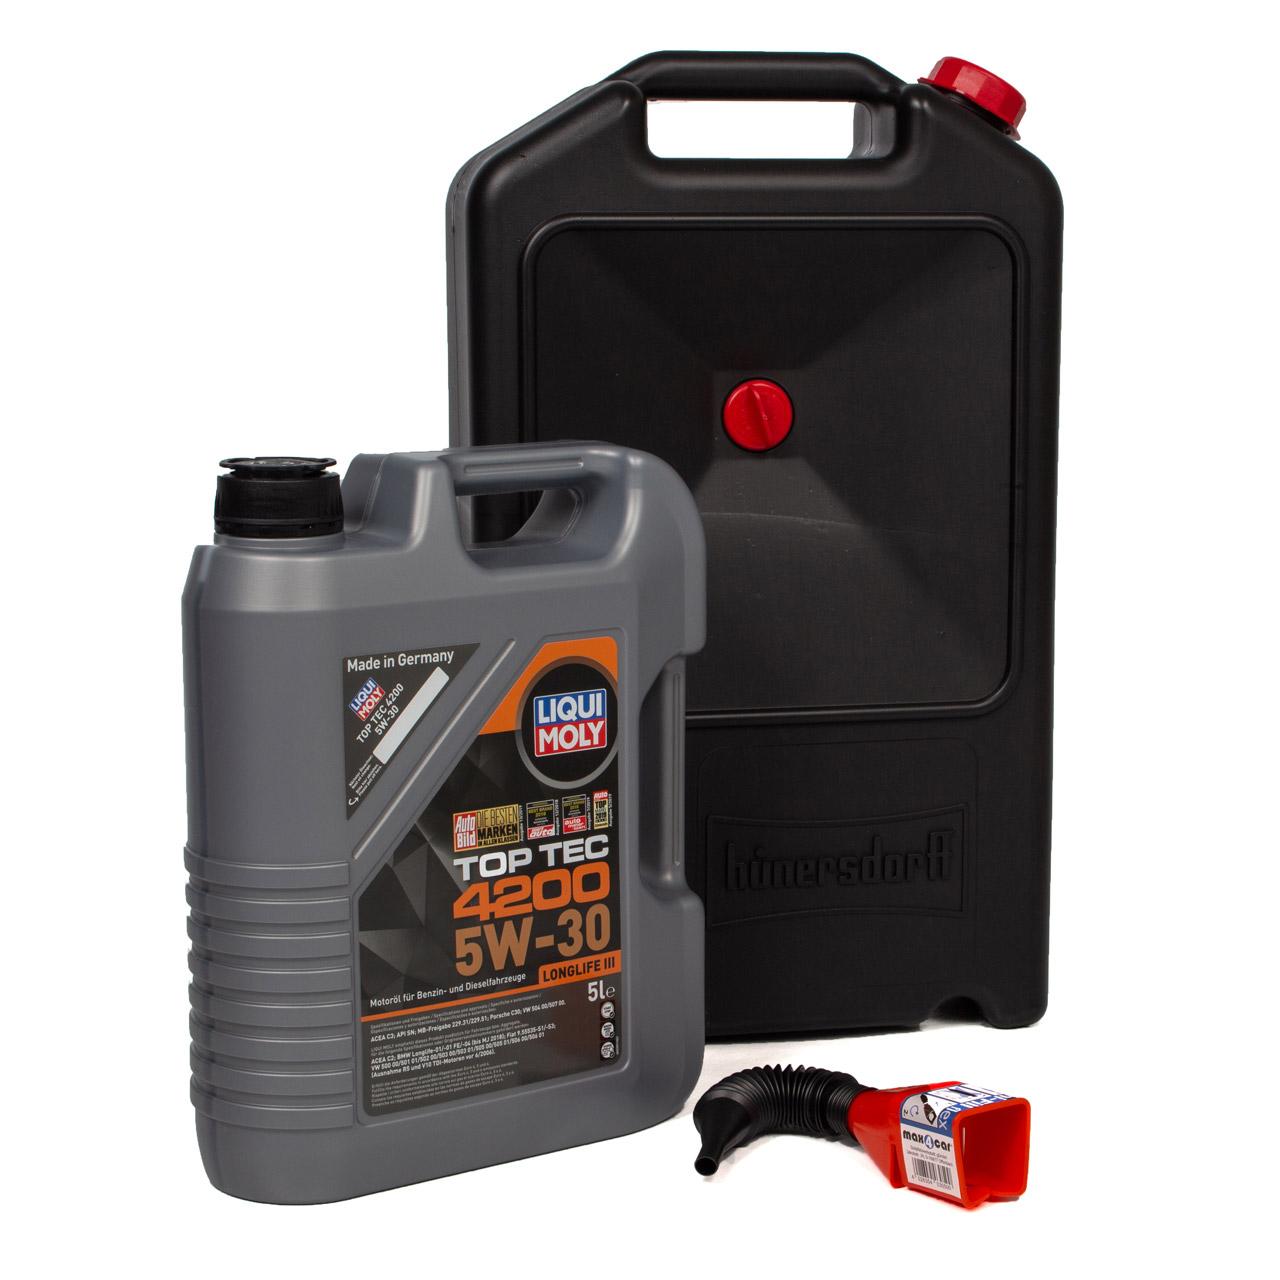 LIQUI MOLY Motoröl Öl TOP TEC 4200 5W-30 - 5 Liter + Trichter + Auffangwanne